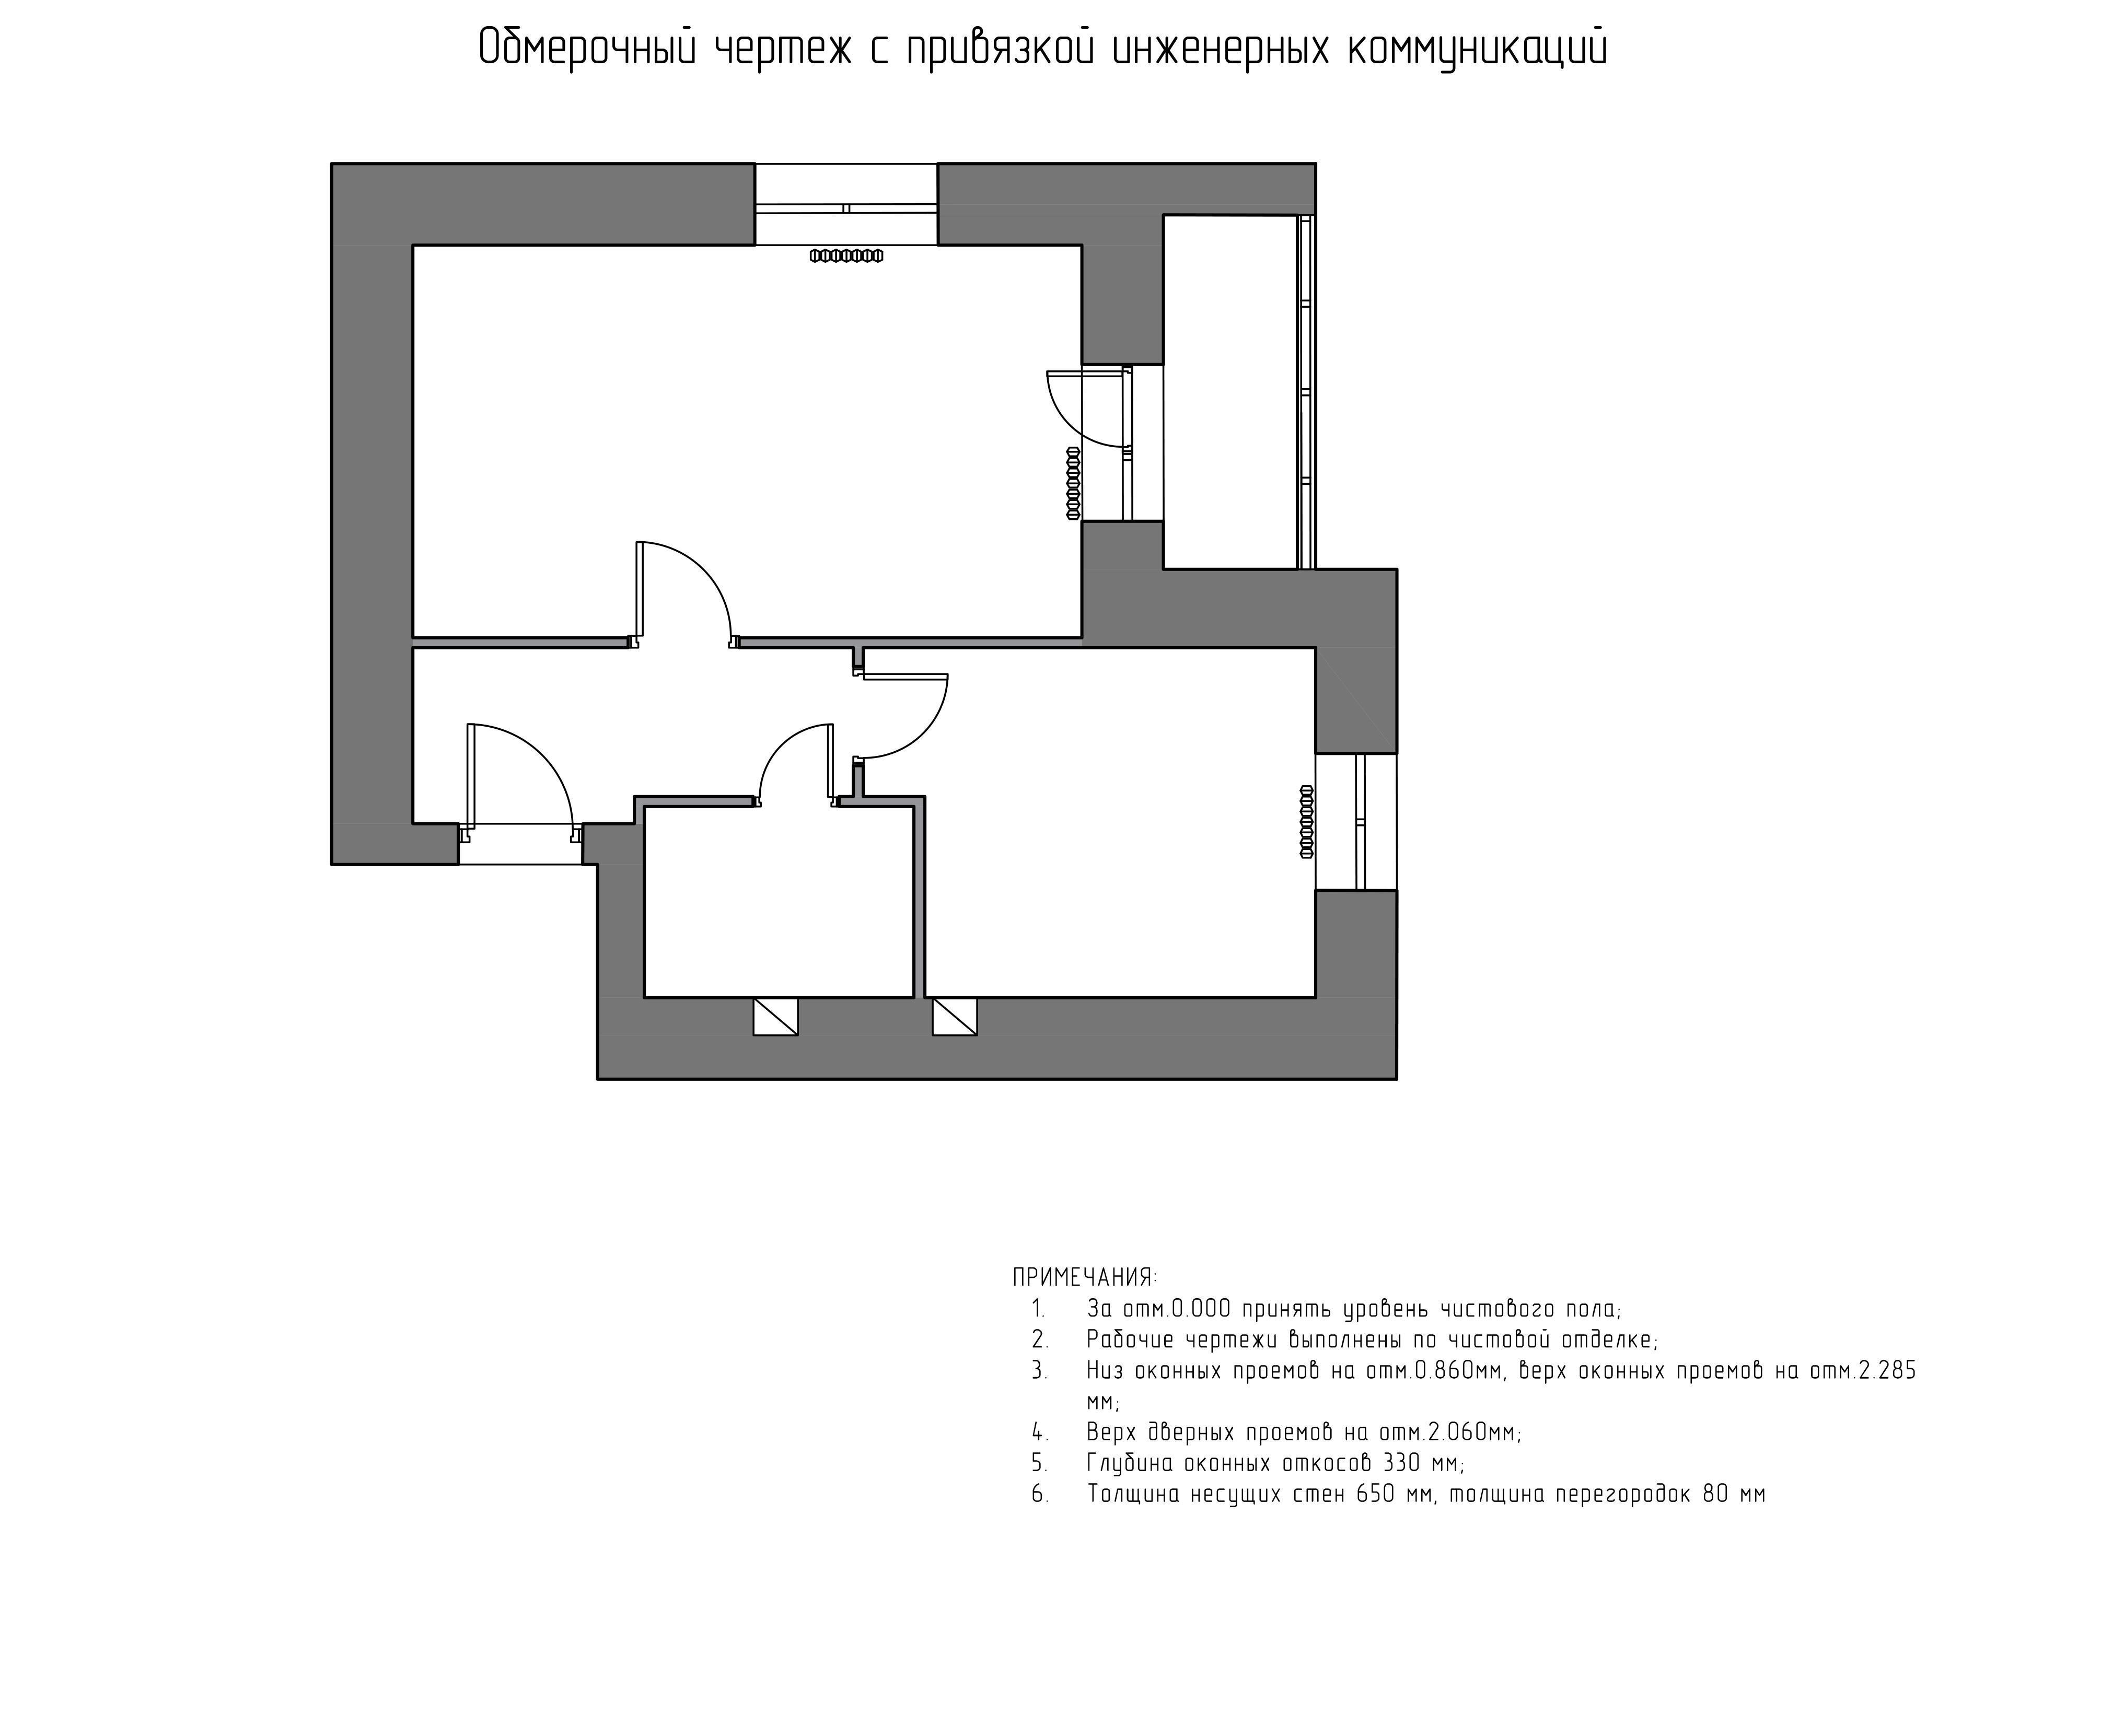 Обмерочный чертеж Квартира в Ярославле